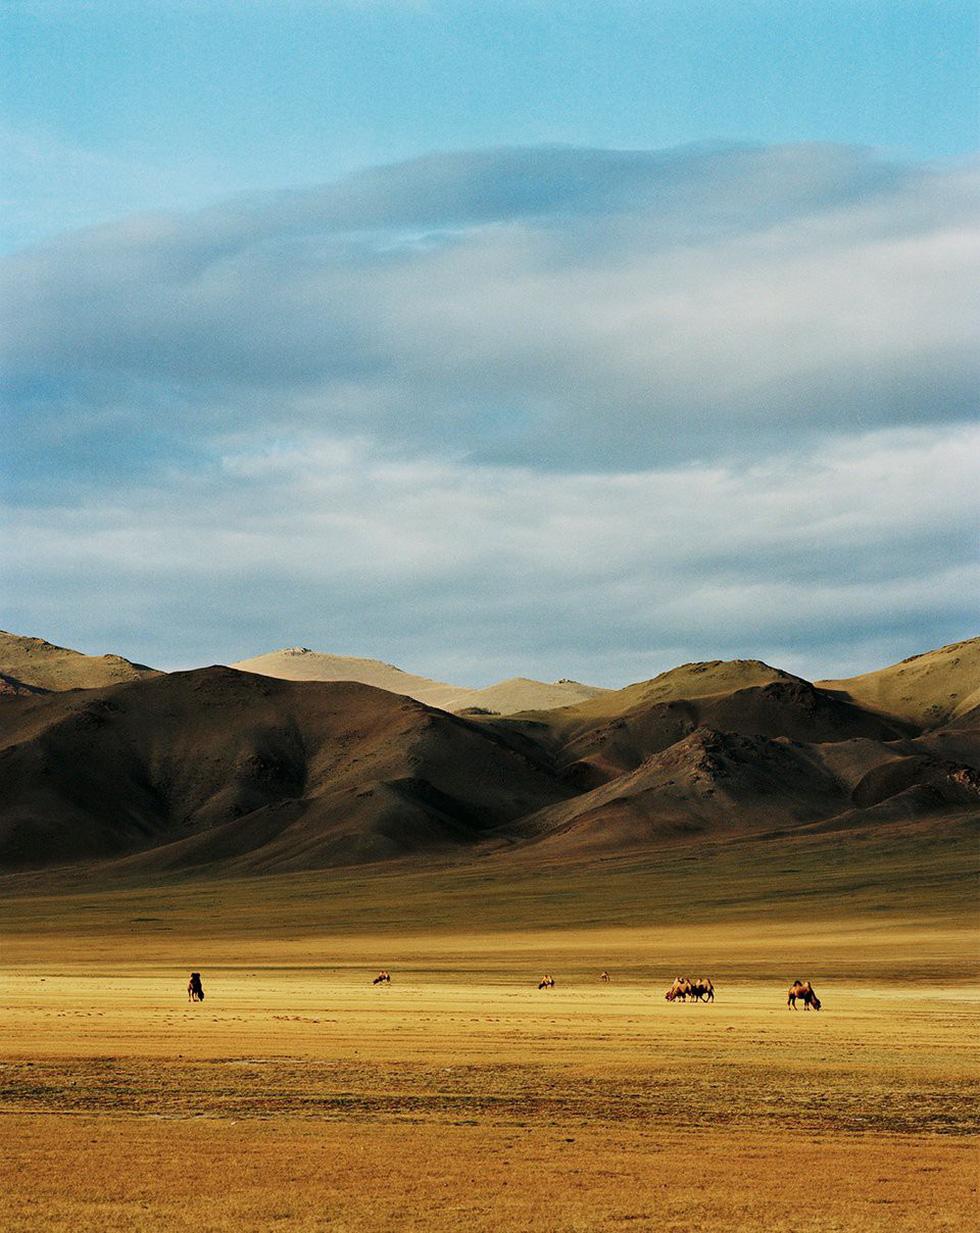 Vẻ đẹp tĩnh lặng đáng kinh ngạc trên thảo nguyên Mông Cổ - Ảnh 8.